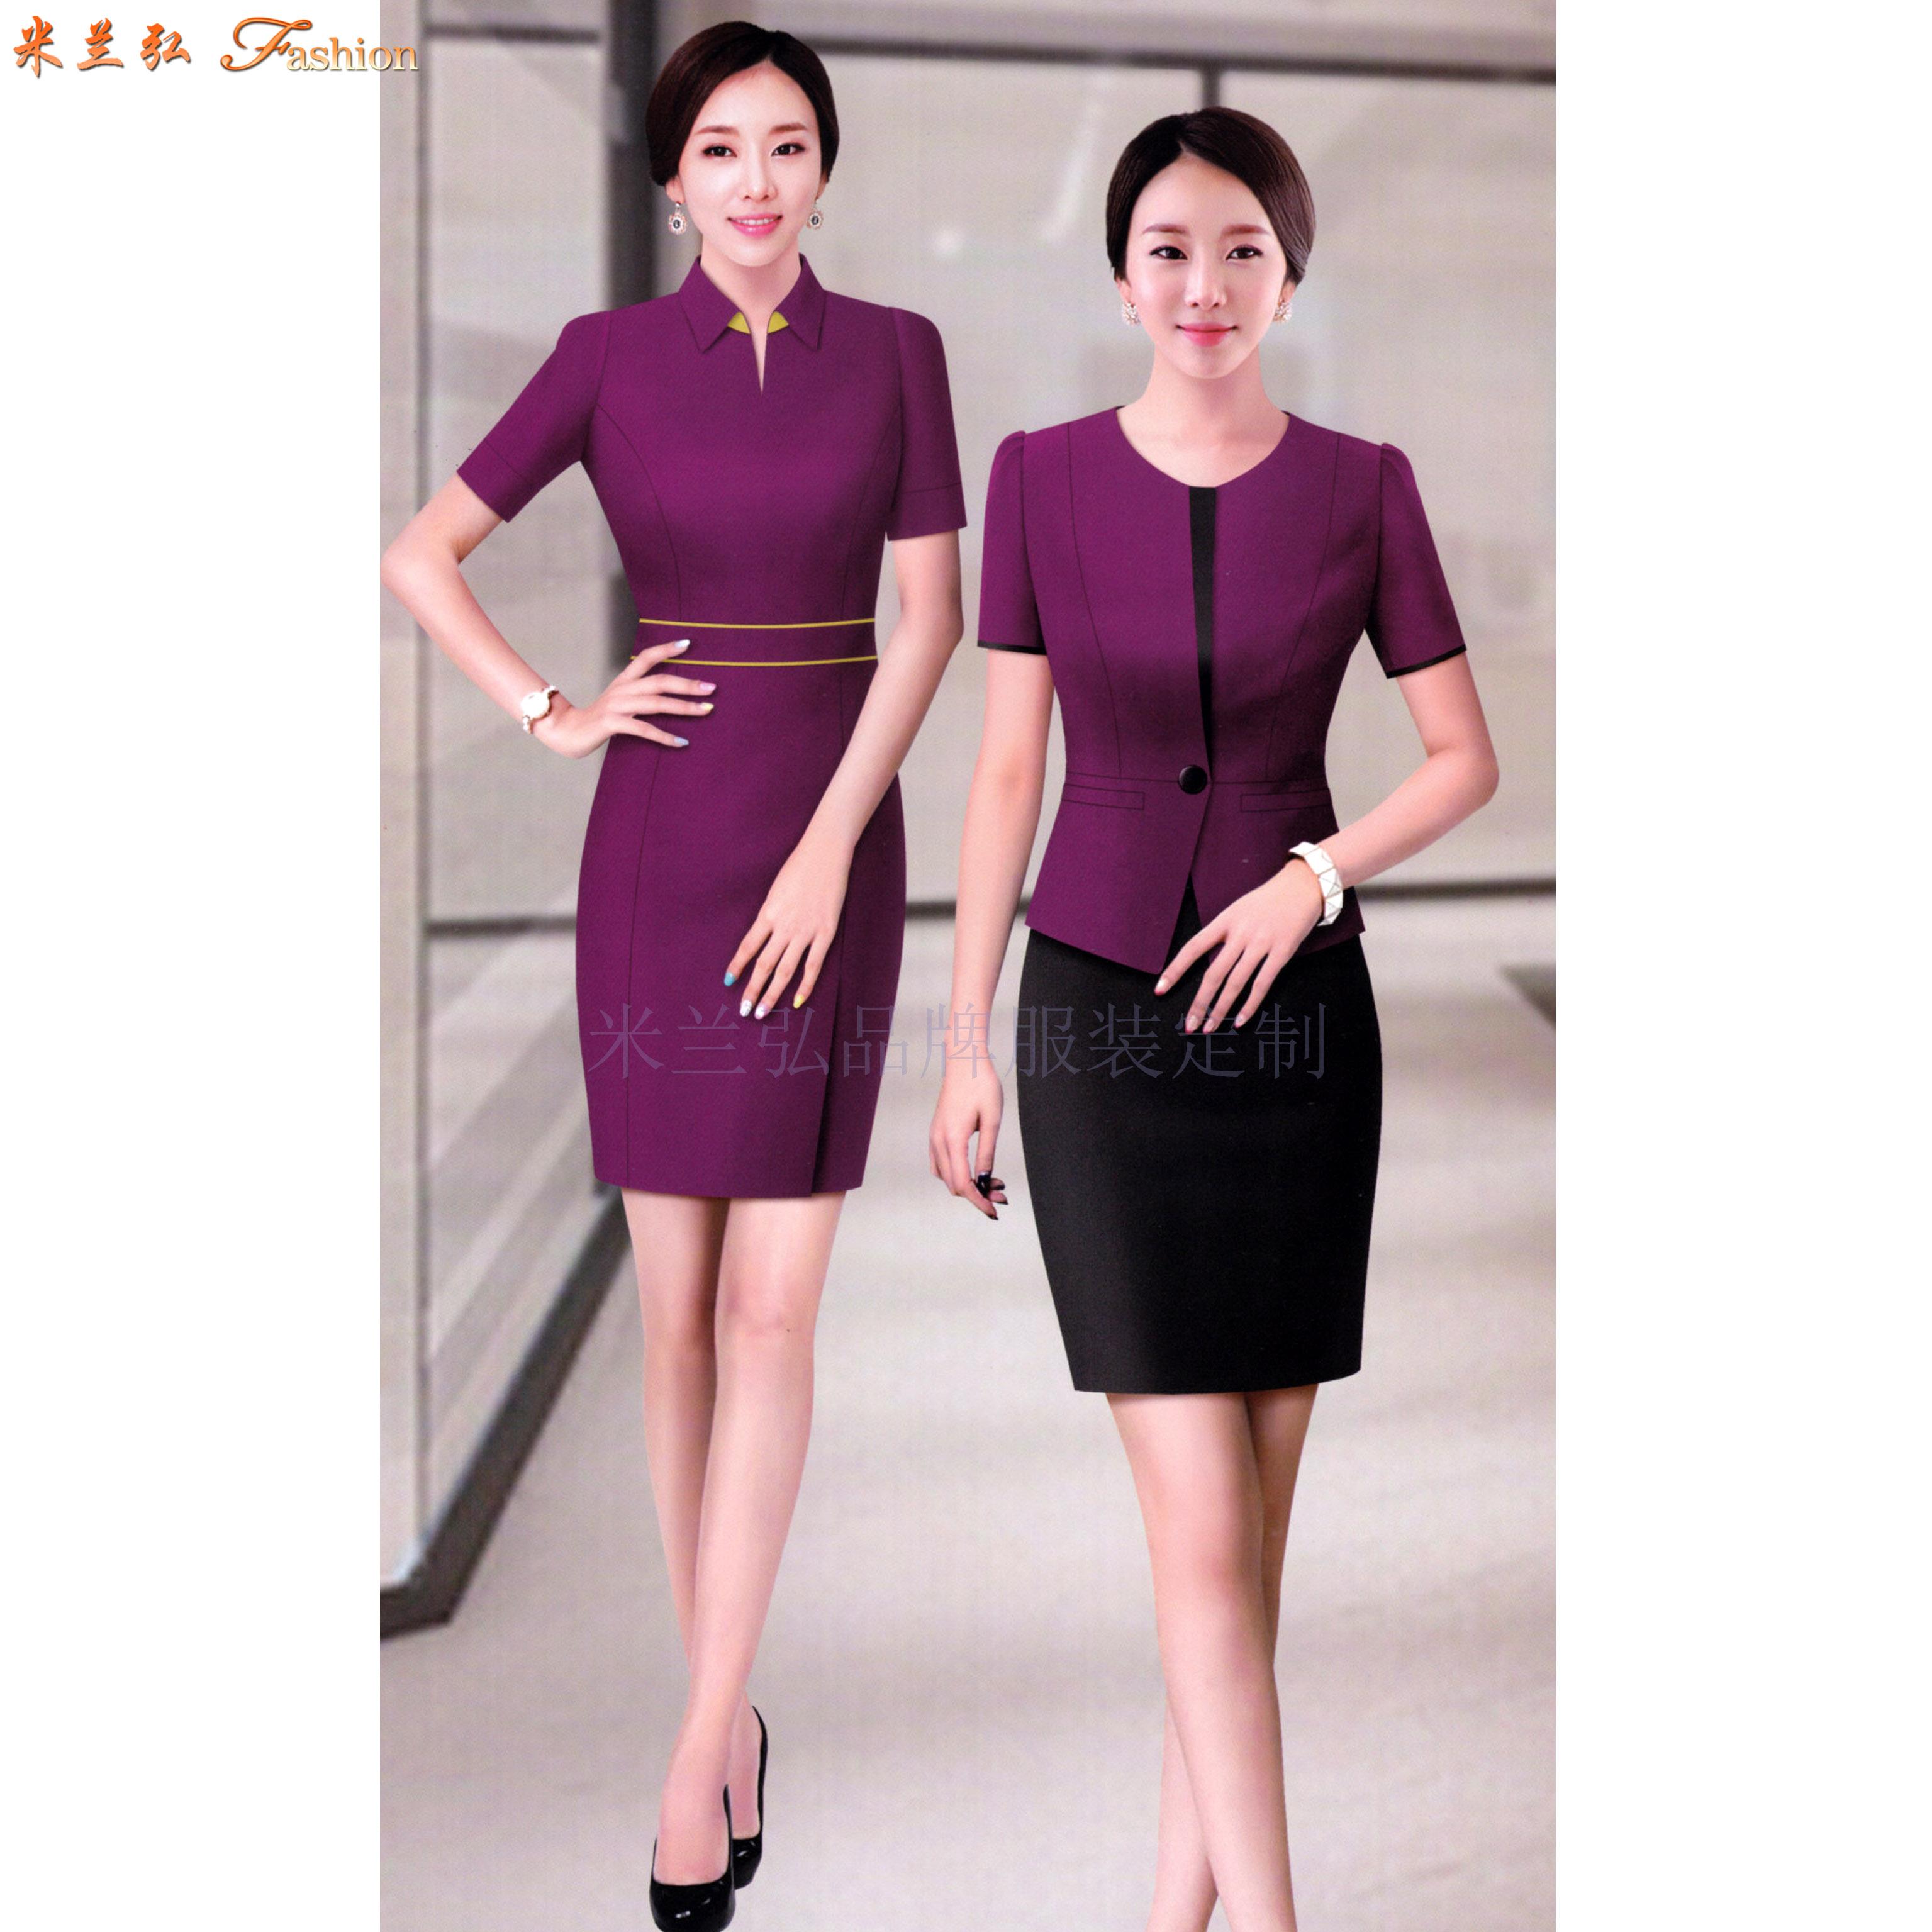 江西連衣裙定制-職業連衣裙訂做價錢-米蘭弘服裝-3